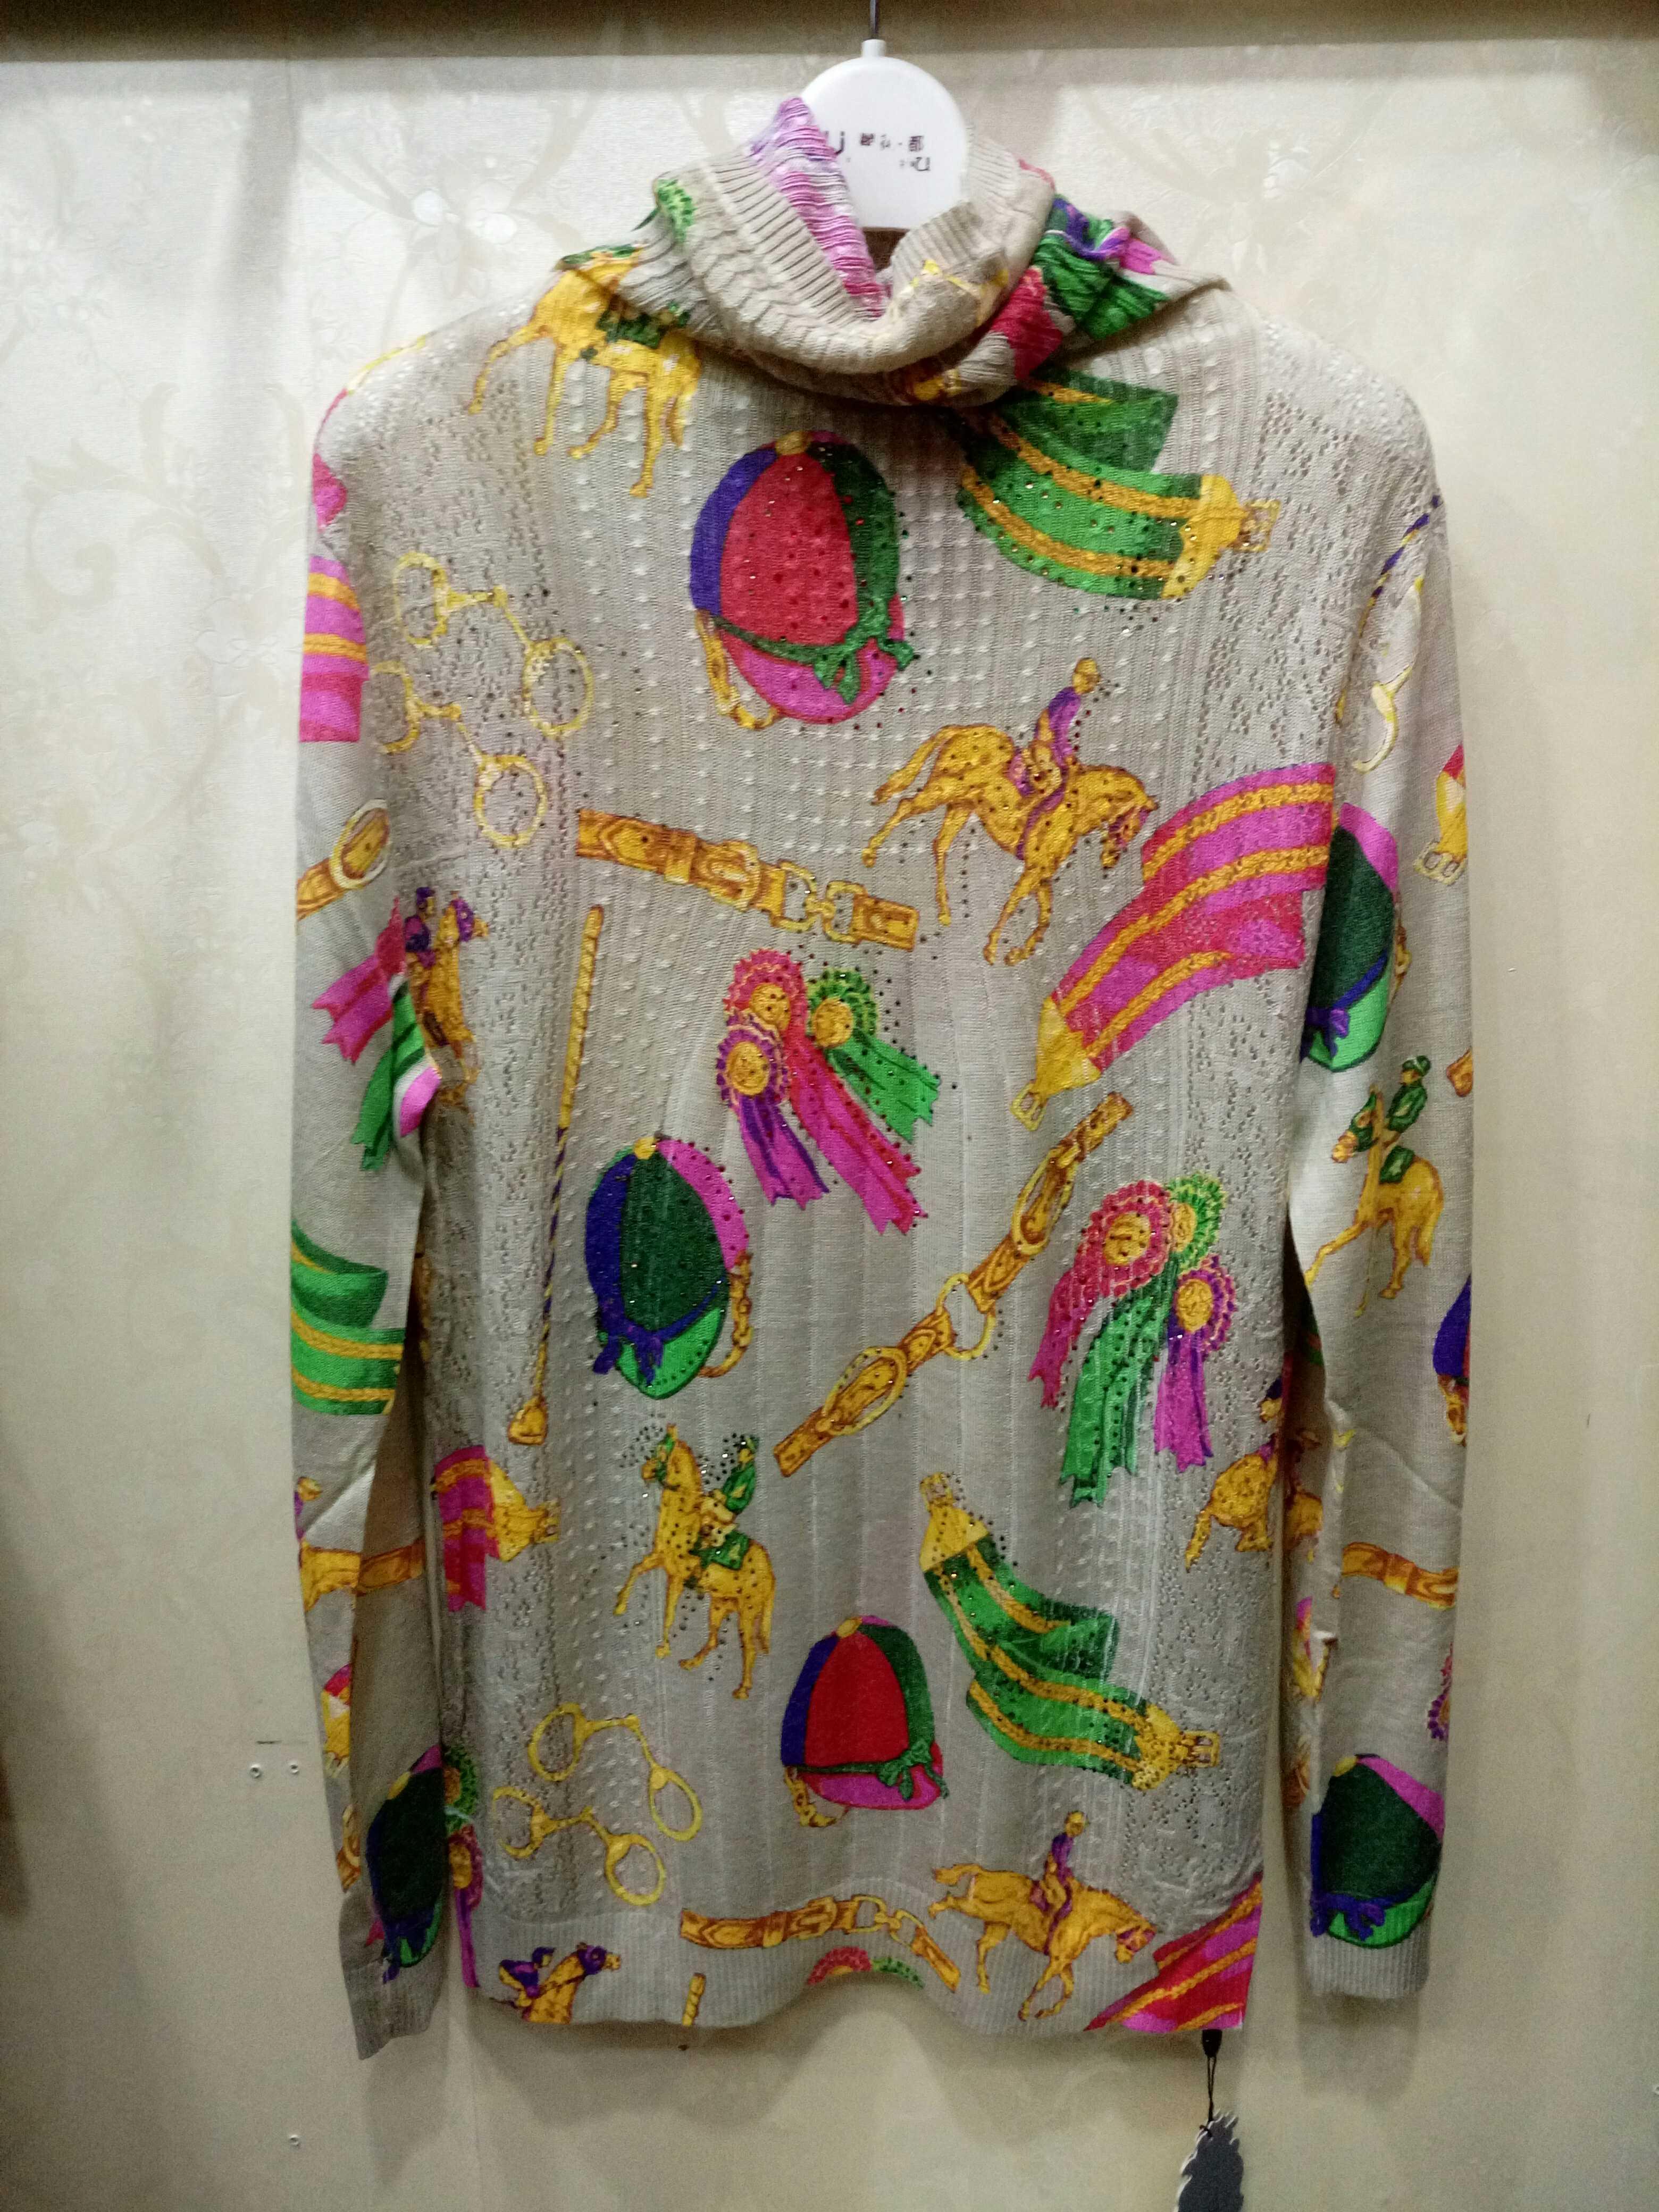 发泰鑫格烫钻印花天丝羊毛抗起球高领薄款羊毛衫大码正品打底毛衫